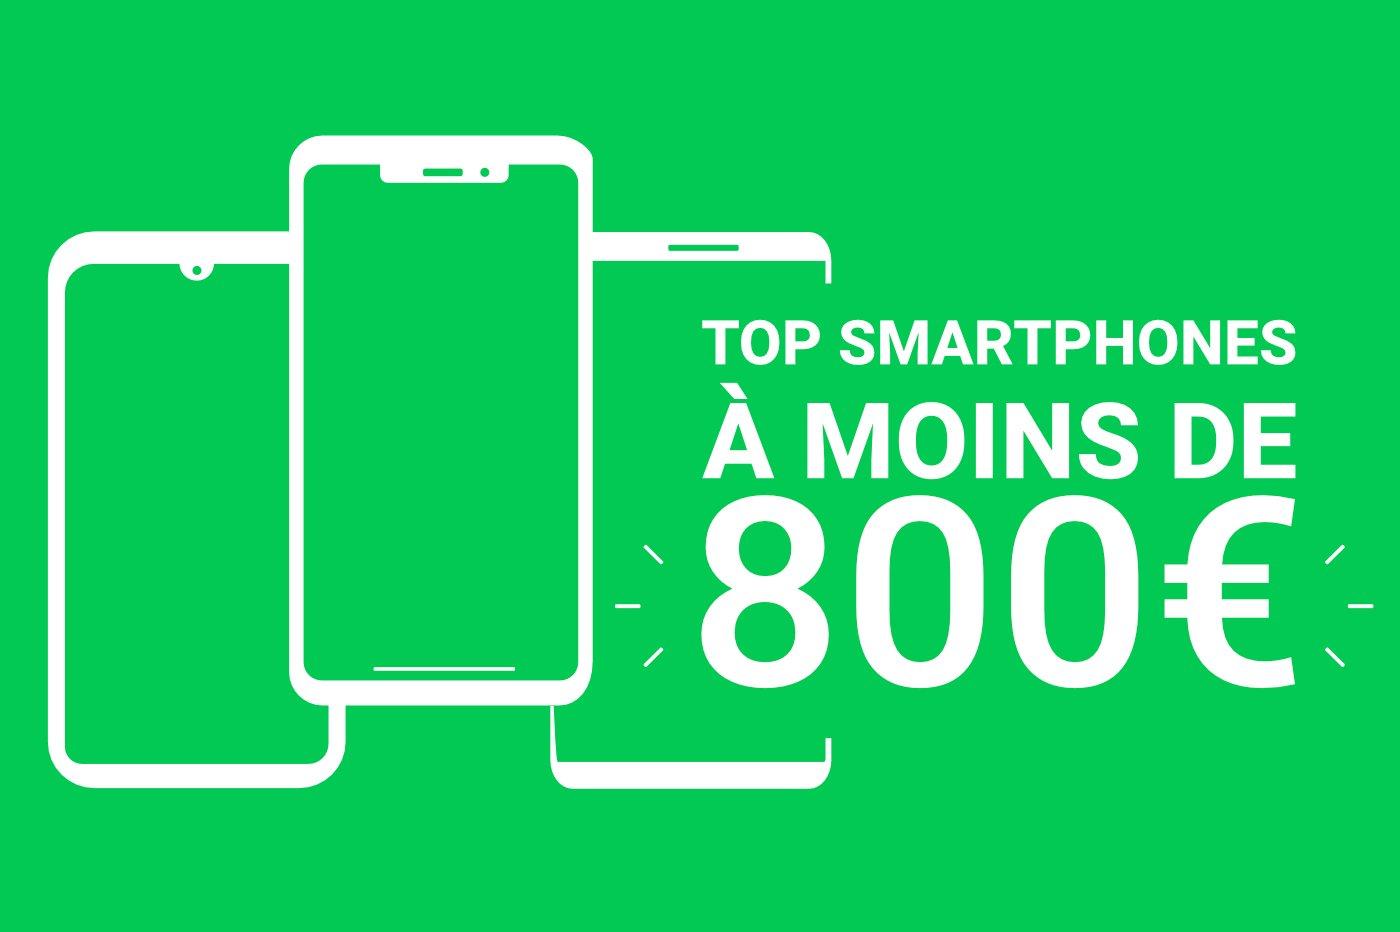 Meilleur smartphone à moins de 800€